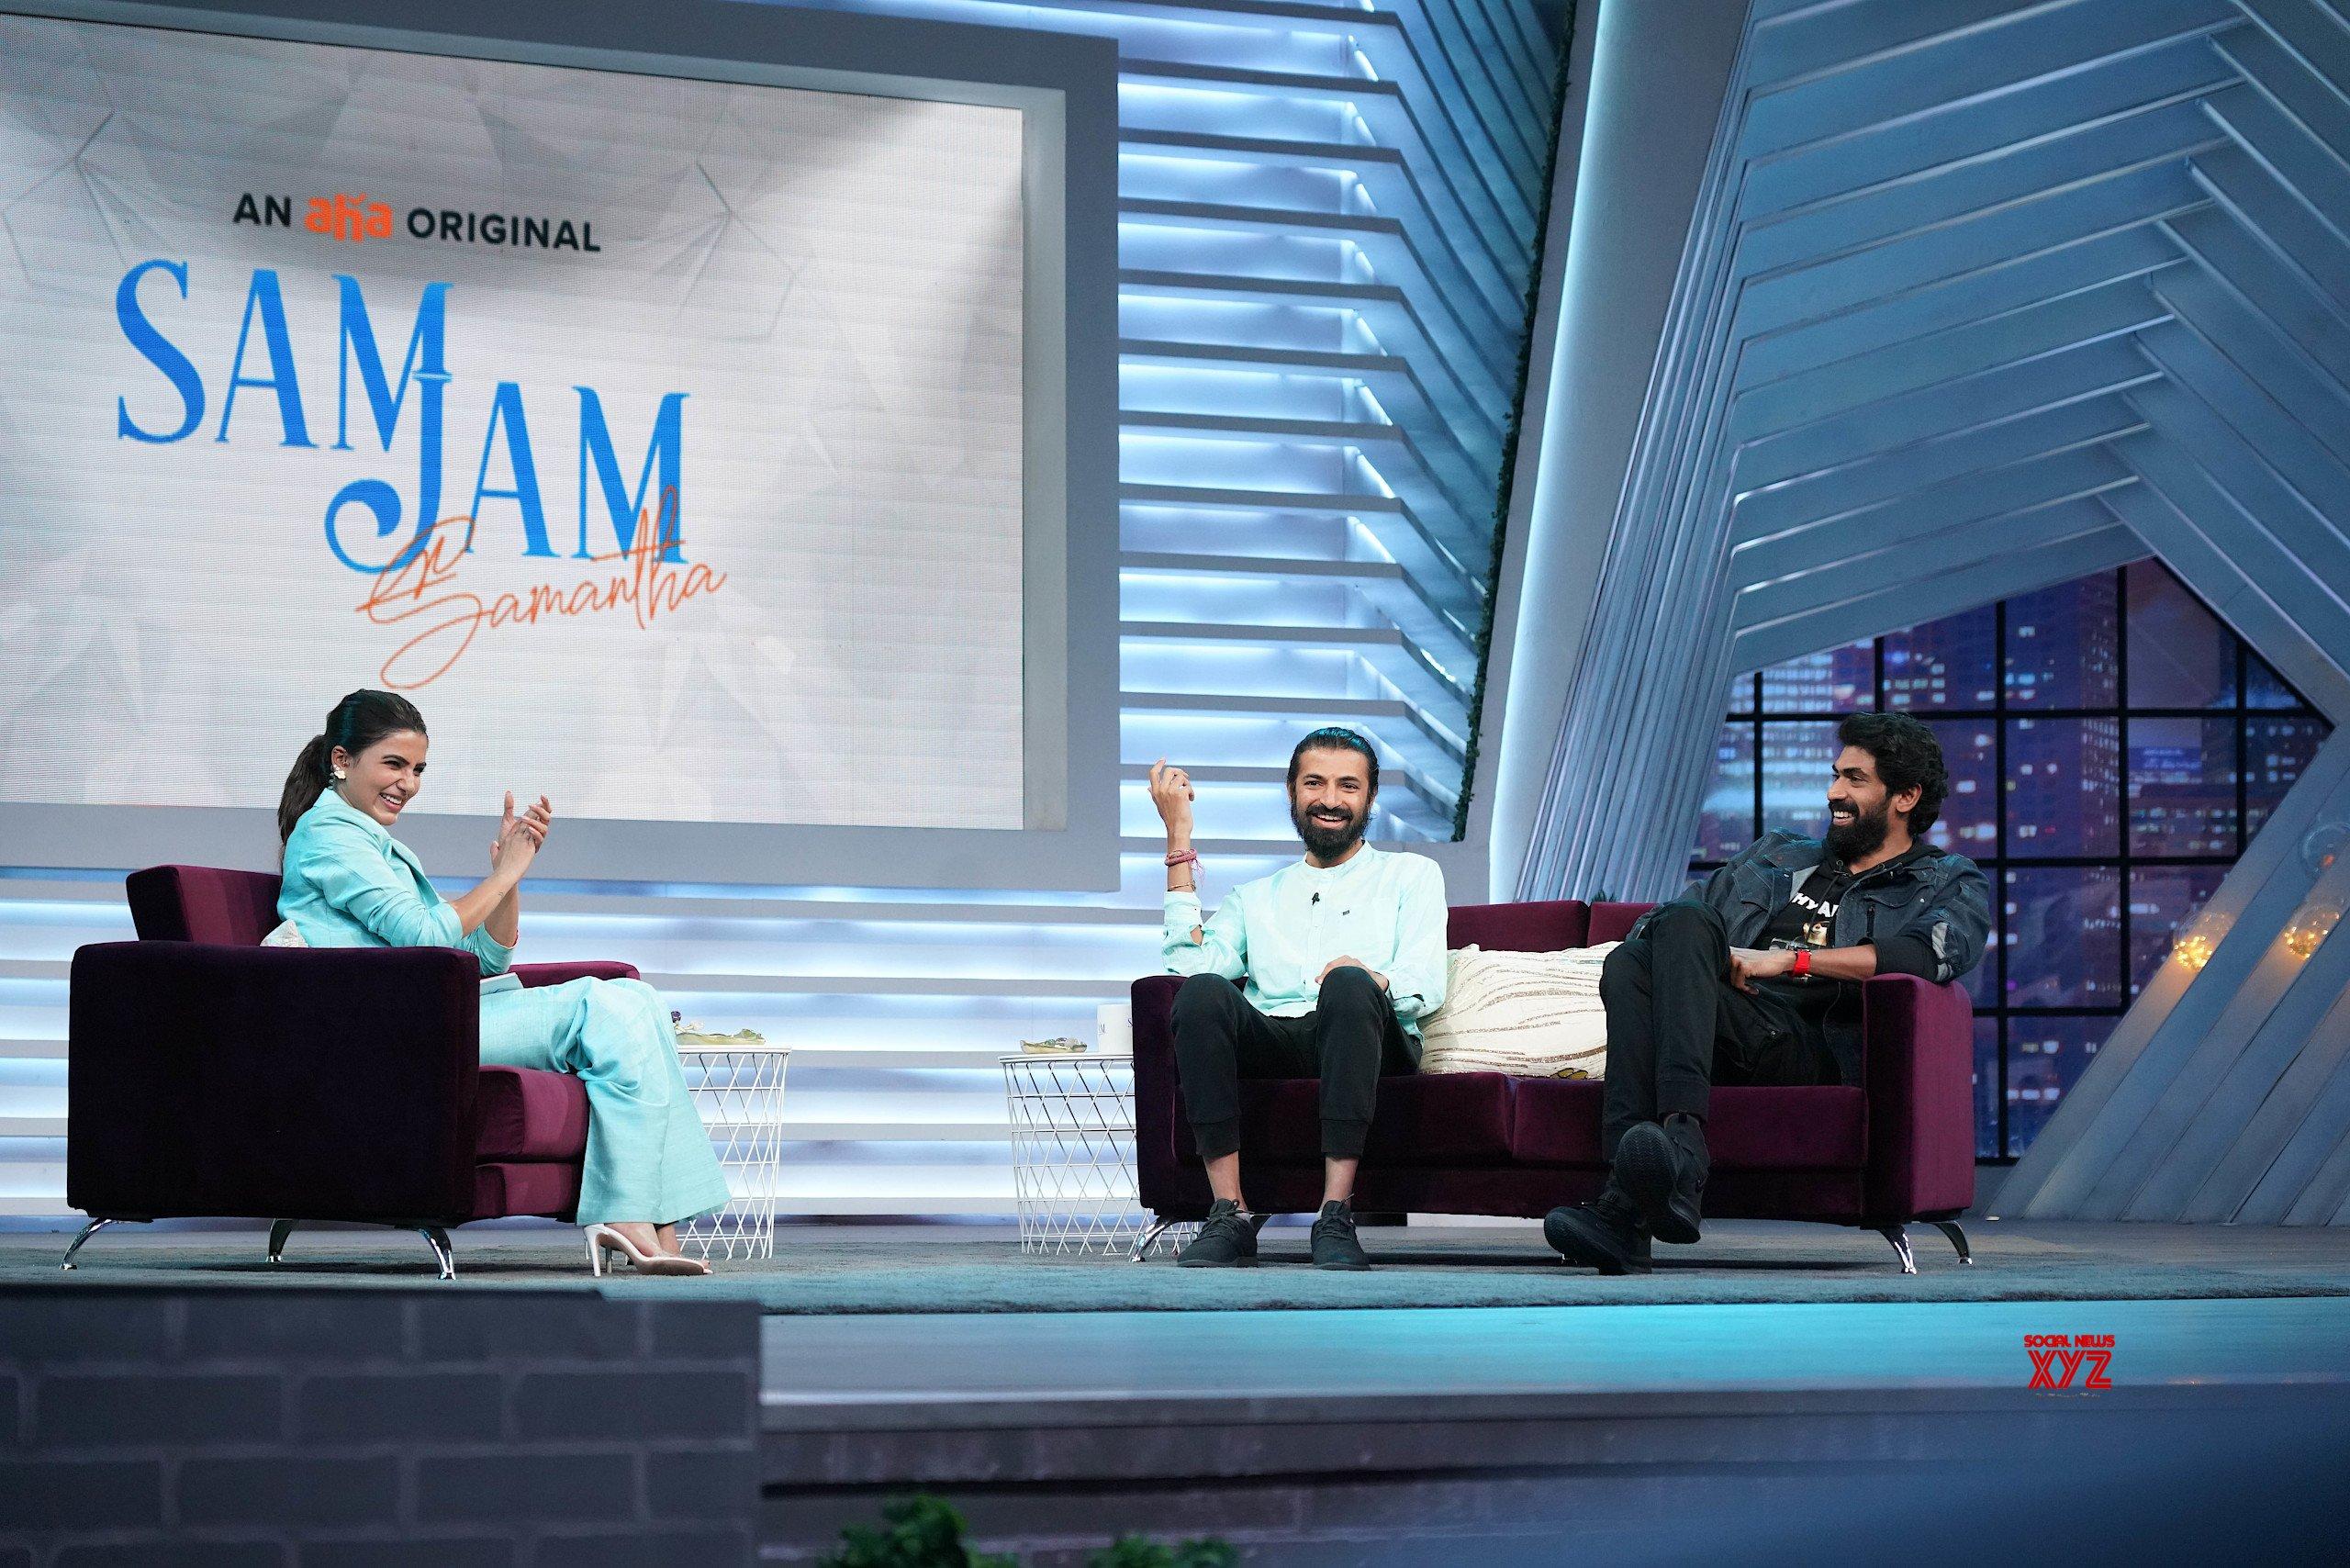 Rana Daggubati, Nag Ashwin, And Samantha HD Stills From The Sets Of SamJam